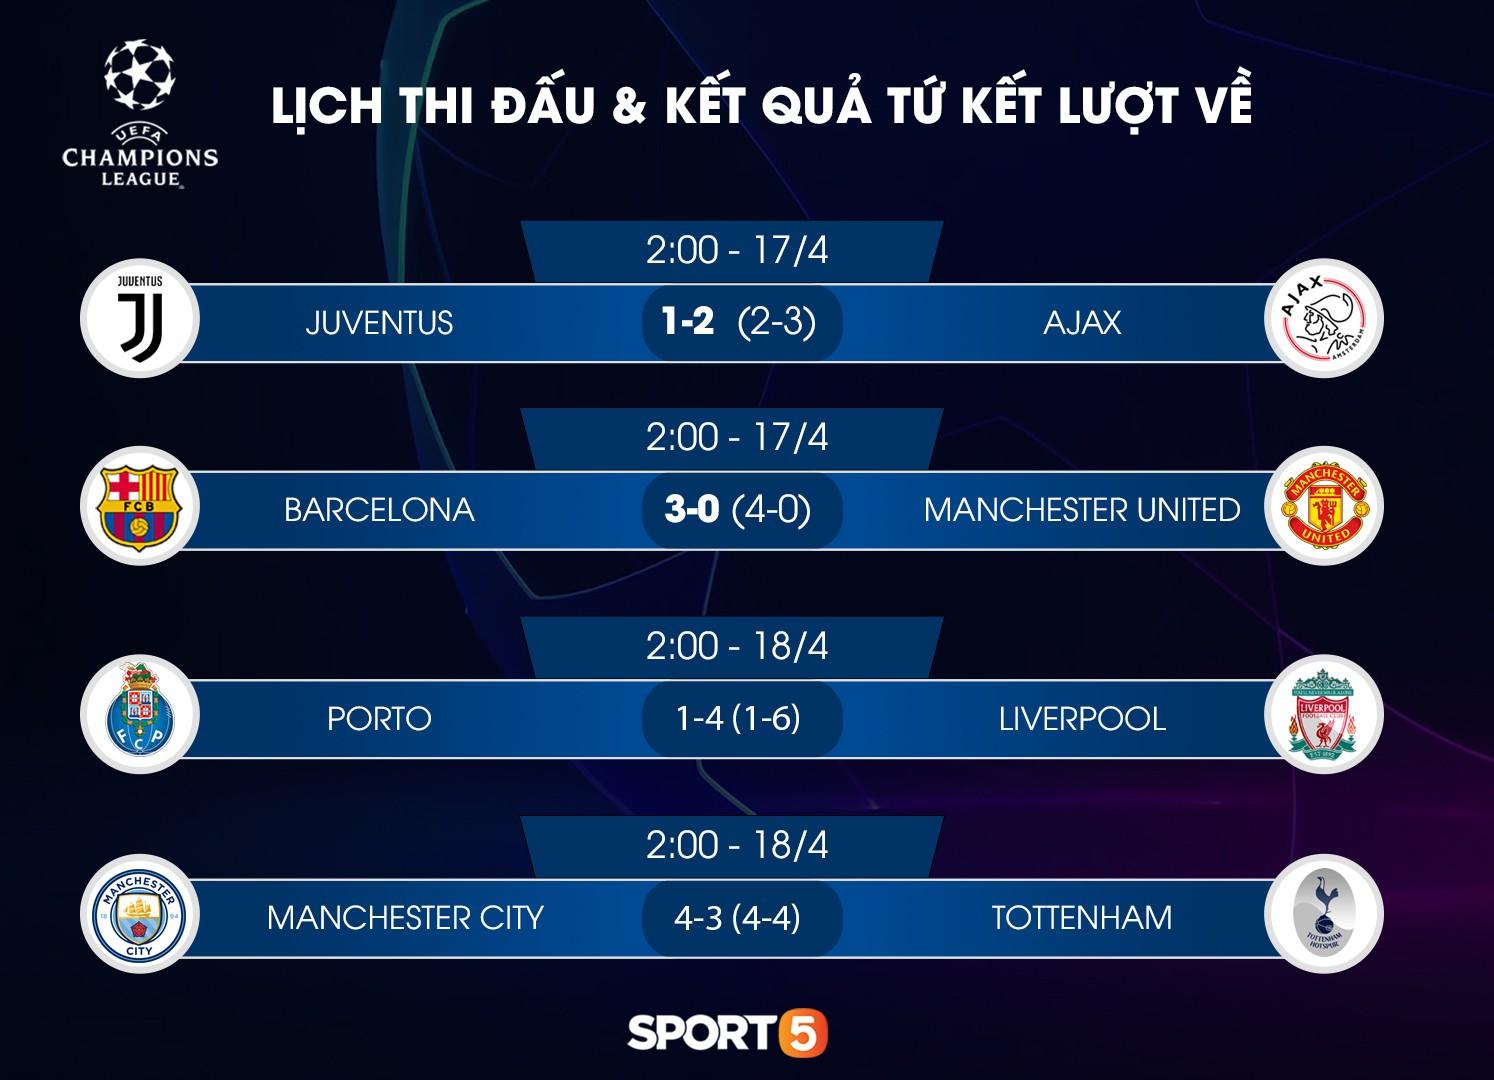 Cập nhật: Lịch thi đấu bán kết Champions League châu Âu - giải đấu danh giá nhất thế giới dành cho CLB - Ảnh 1.